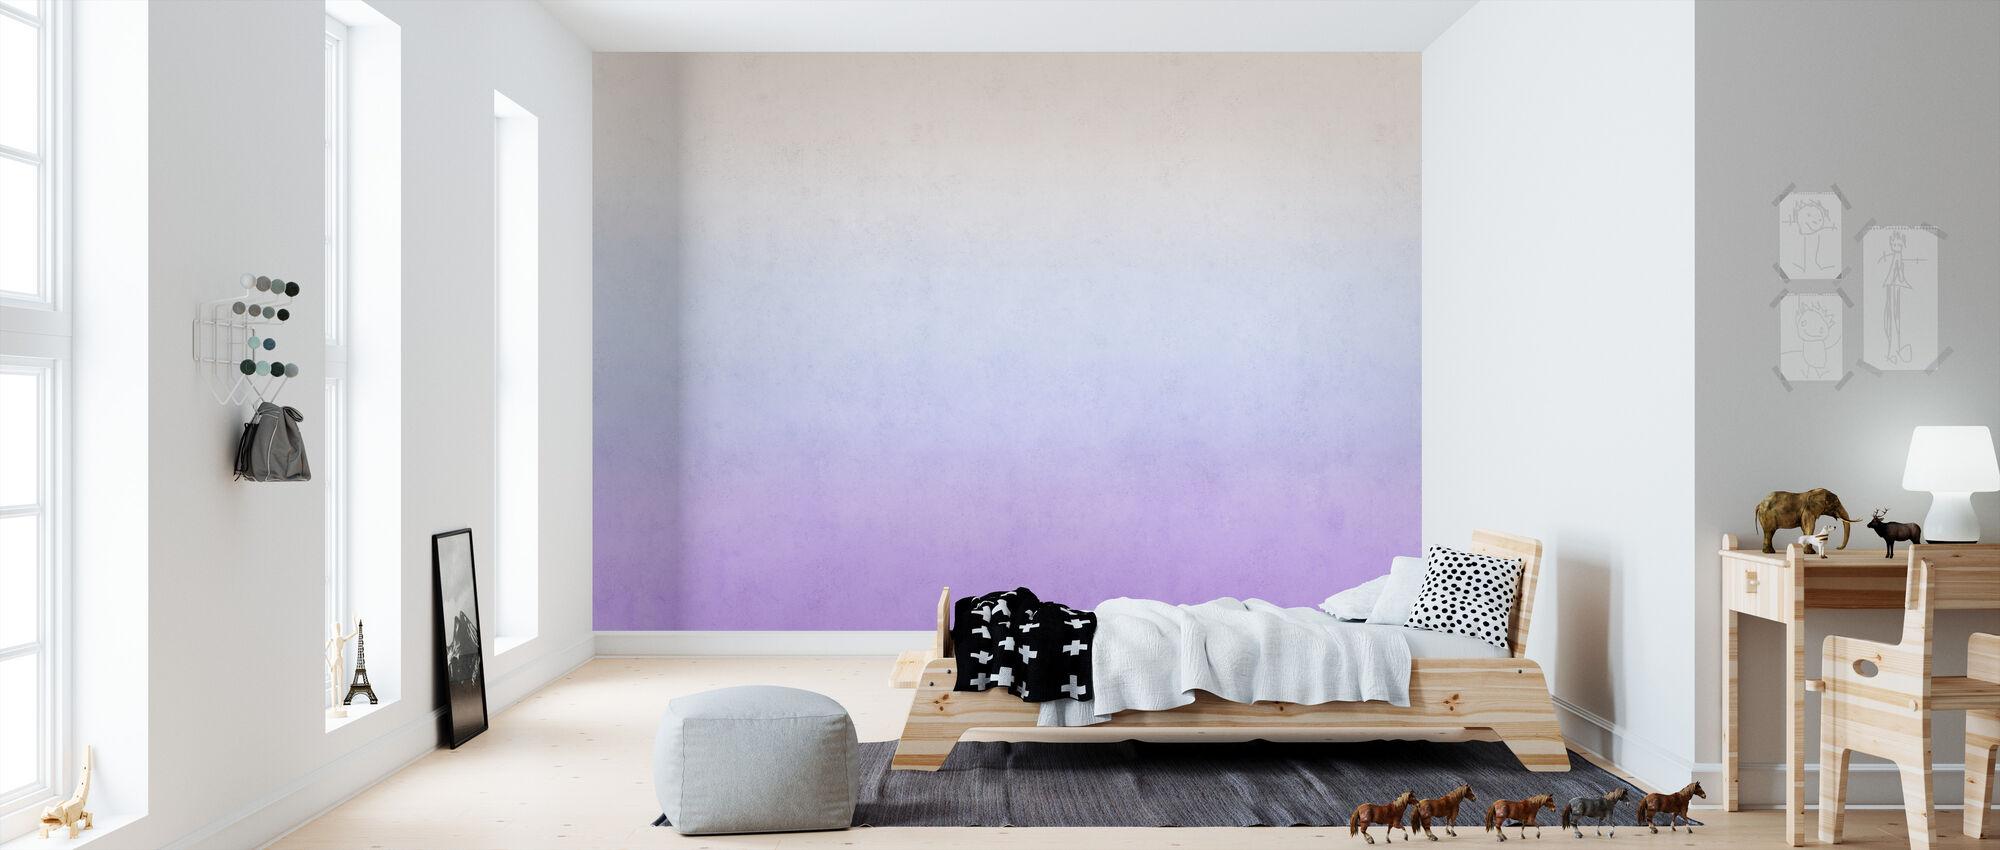 Polar Sunset - Wallpaper - Kids Room